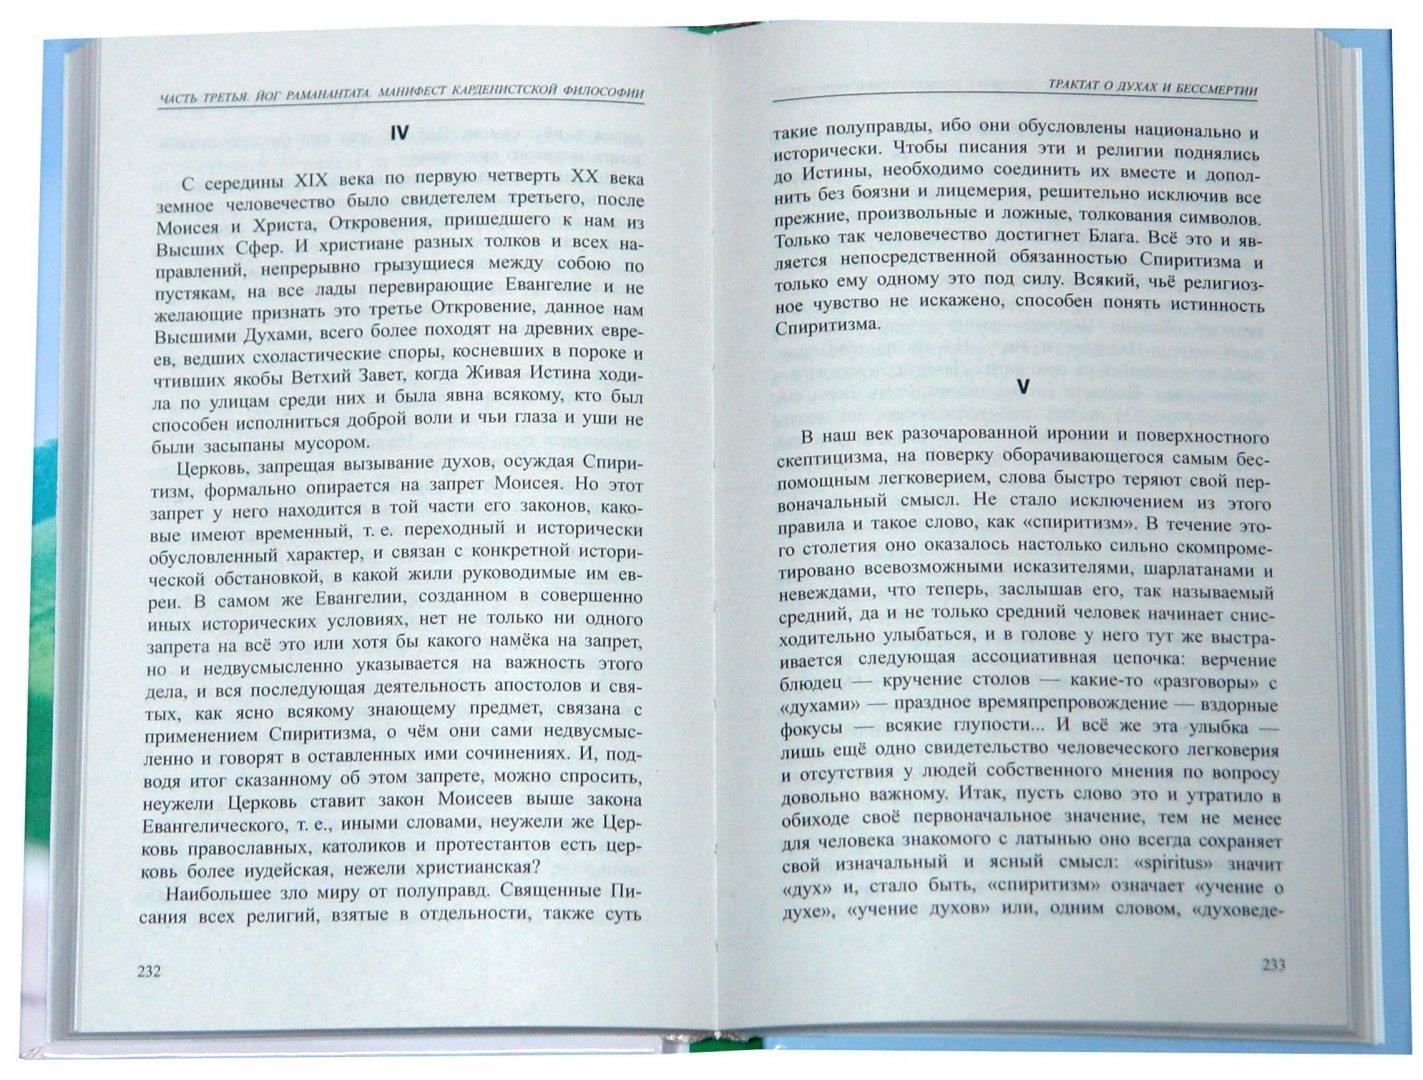 Иллюстрация 1 из 6 для Упражнения йоги для развития памяти. 2-е издание, исправленное и дополненное - Йог Раманантата   Лабиринт - книги. Источник: Лабиринт